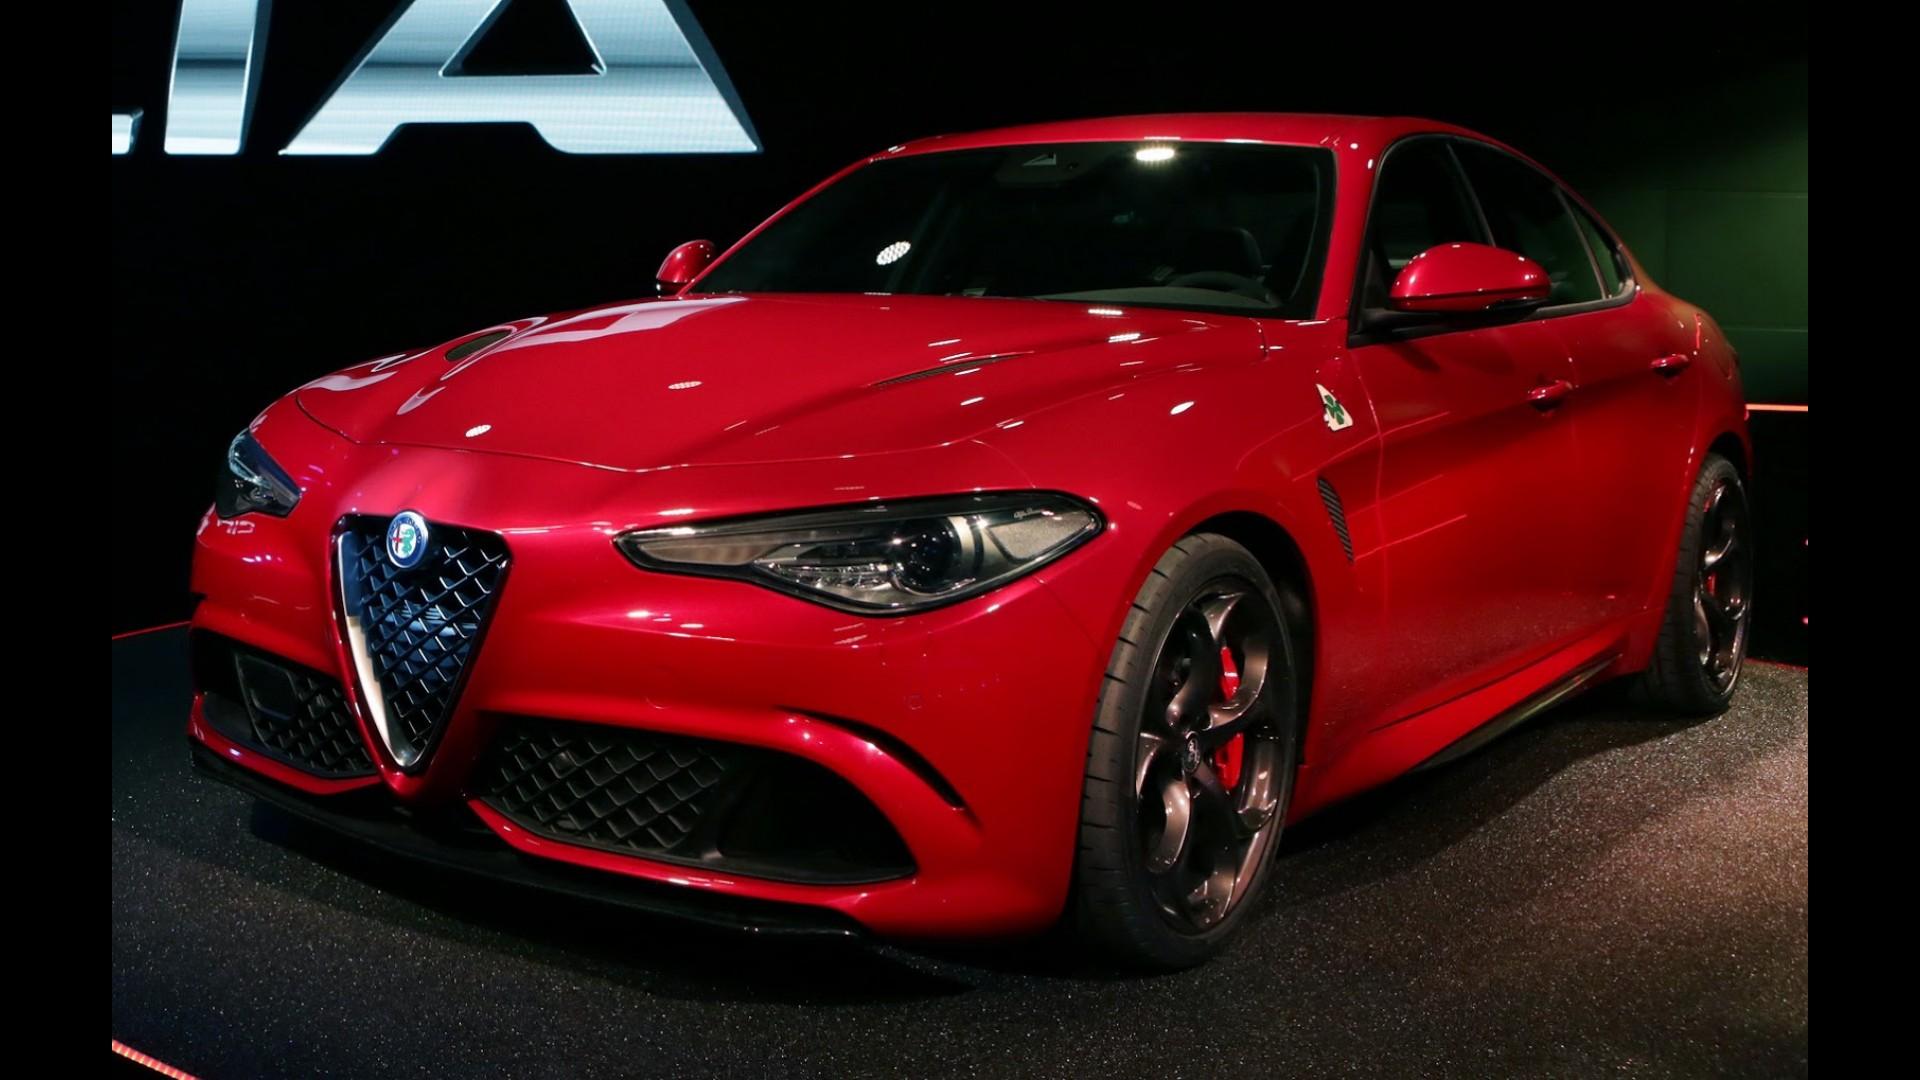 Alfa Romeo Giulia E Revelado Com Motor 3 0 V6 De 510 Cv By Ferrari